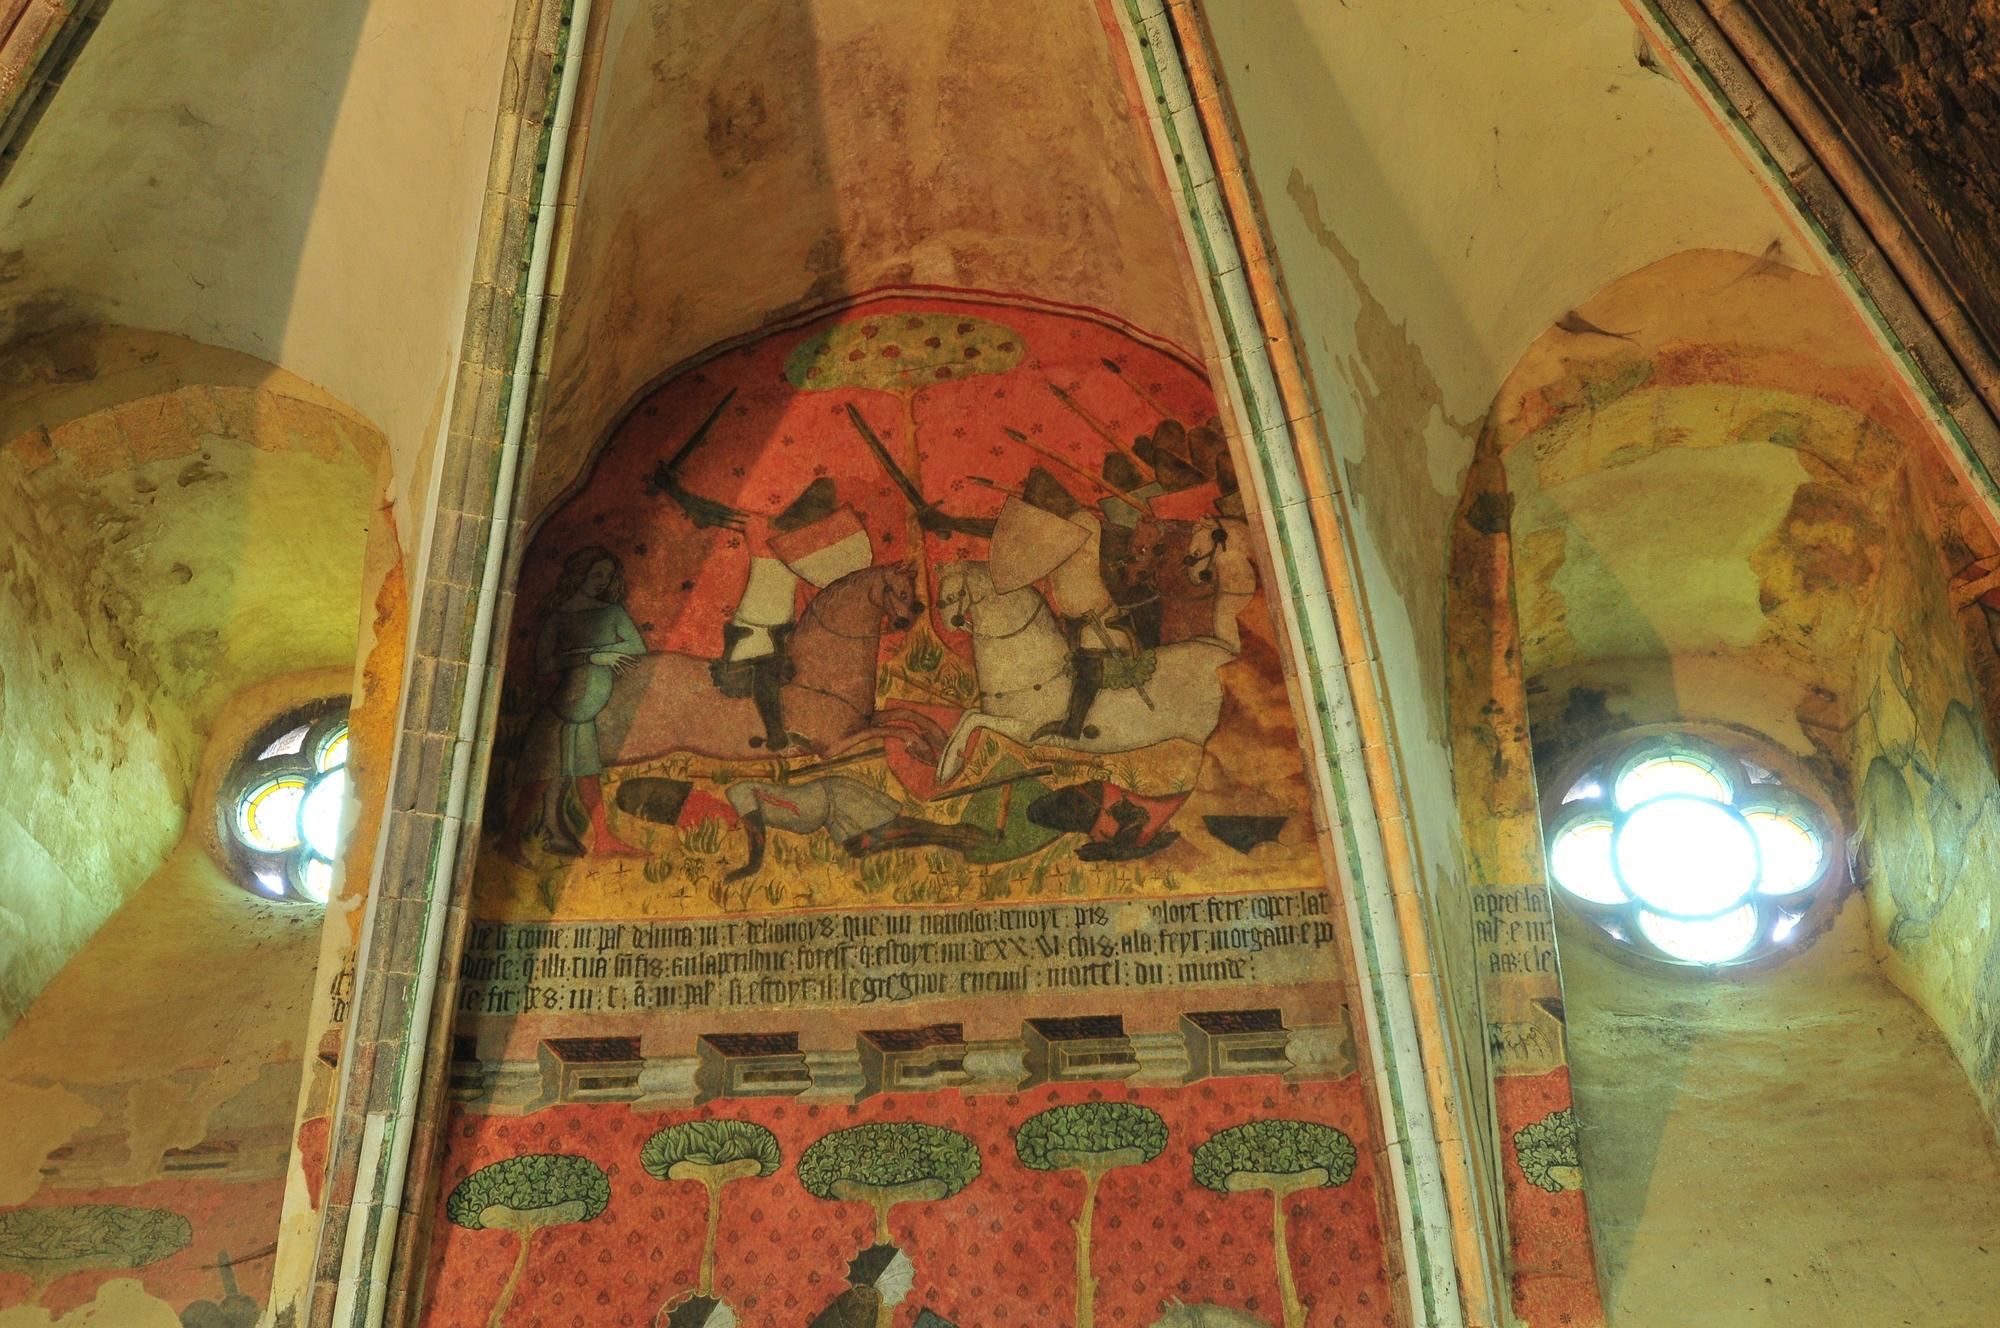 Fresque de Tristan et Iseult, château de Saint-Floret